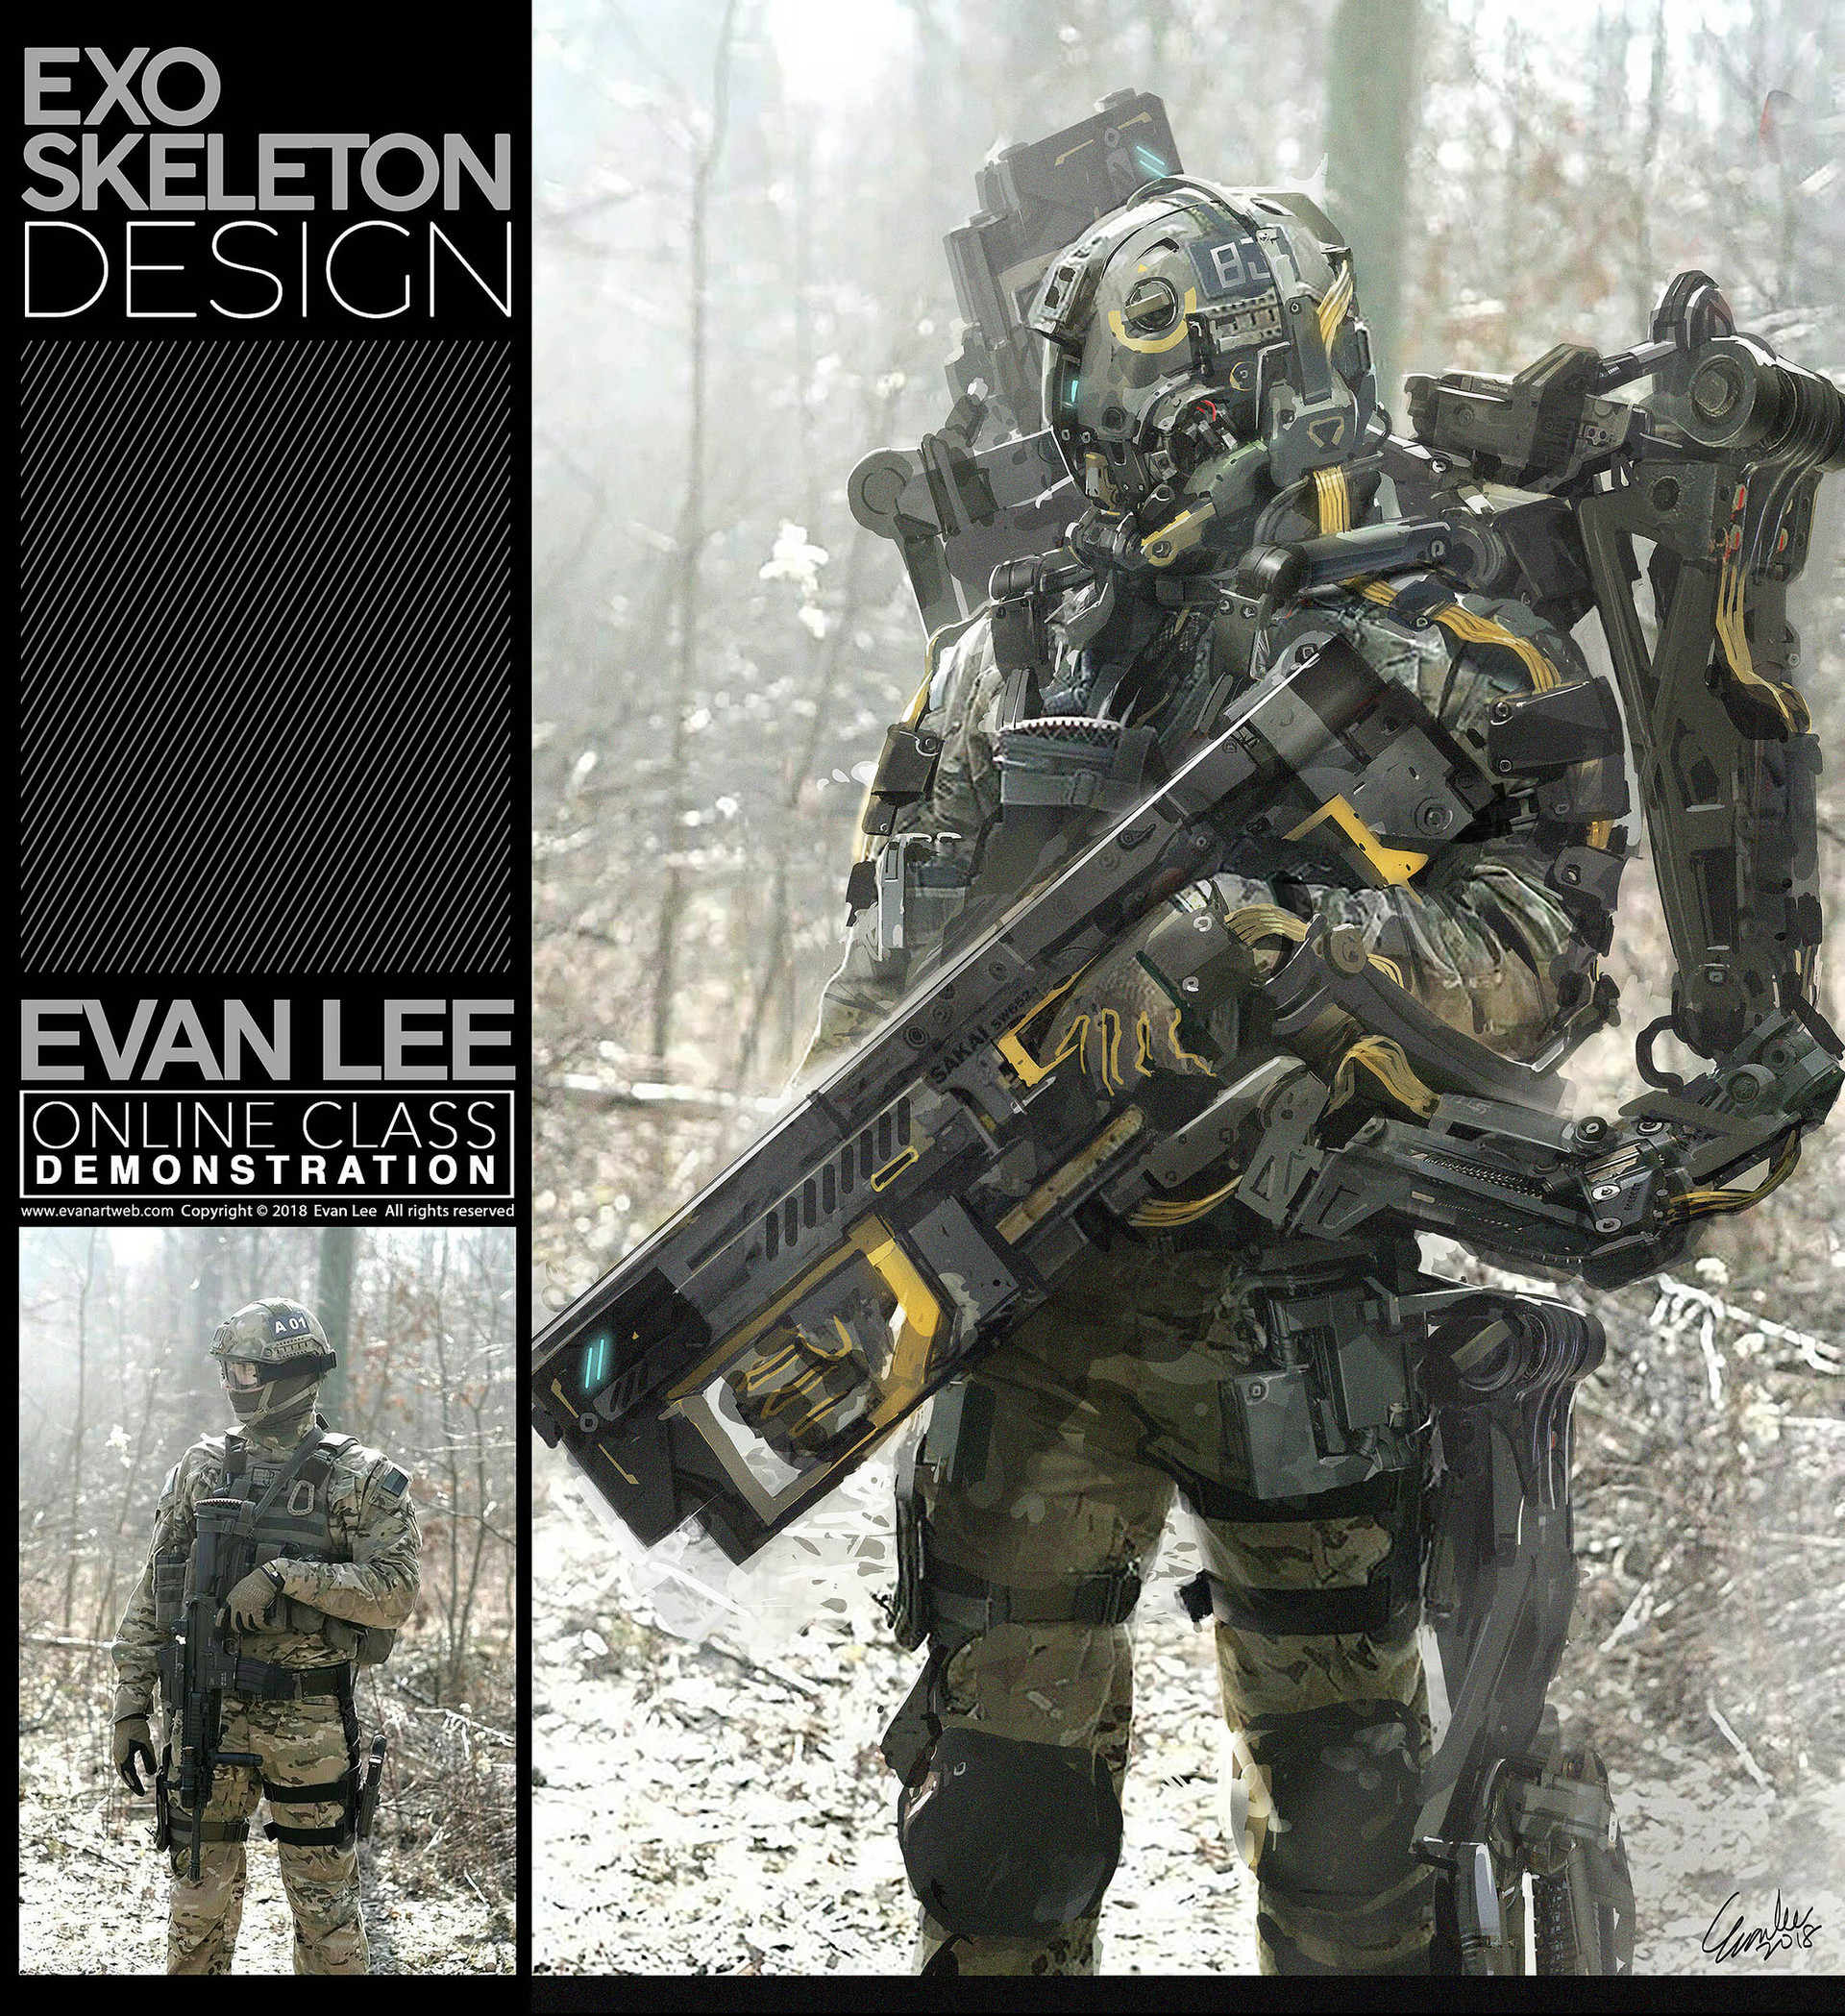 exoskeleton design_evanlee.jpg